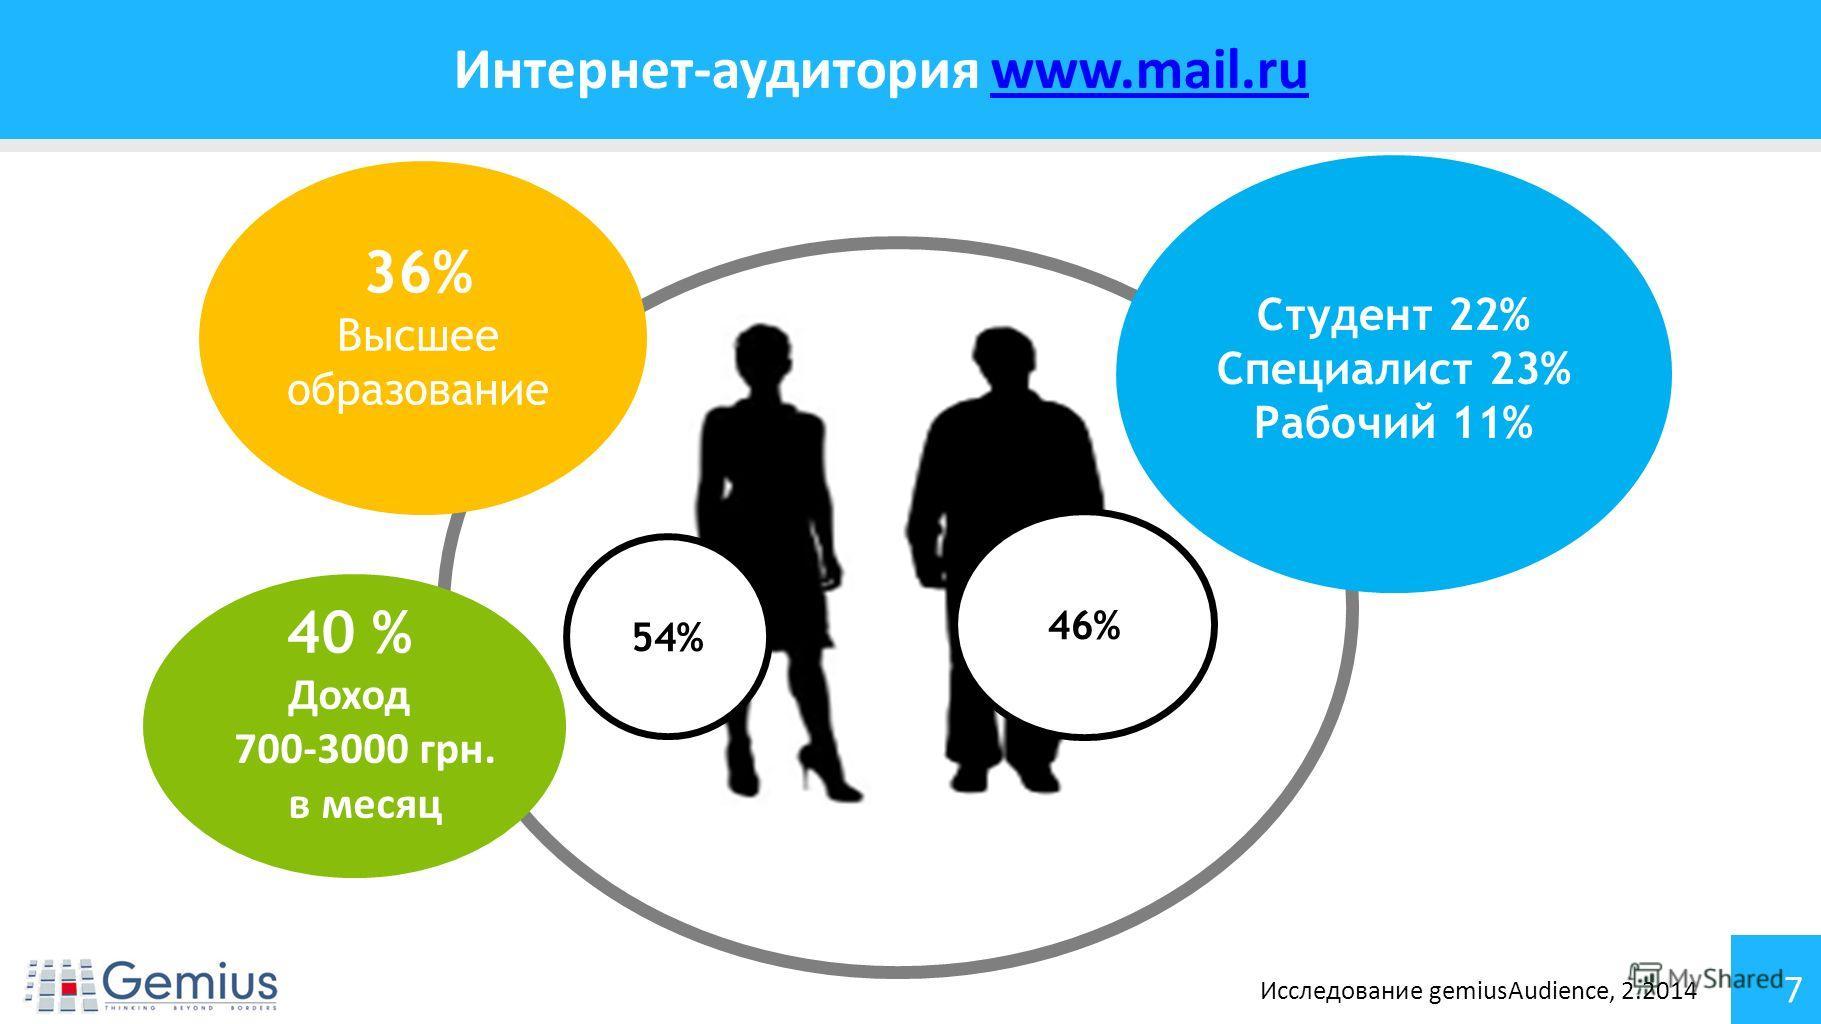 7 Интернет-аудитория www.mail.ruwww.mail.ru 36% Высшее образование 40 % Доход 700-3000 грн. в месяц 54% 46% Студент 22% Специалист 23% Рабочий 11% Исследование gemiusAudience, 2.2014